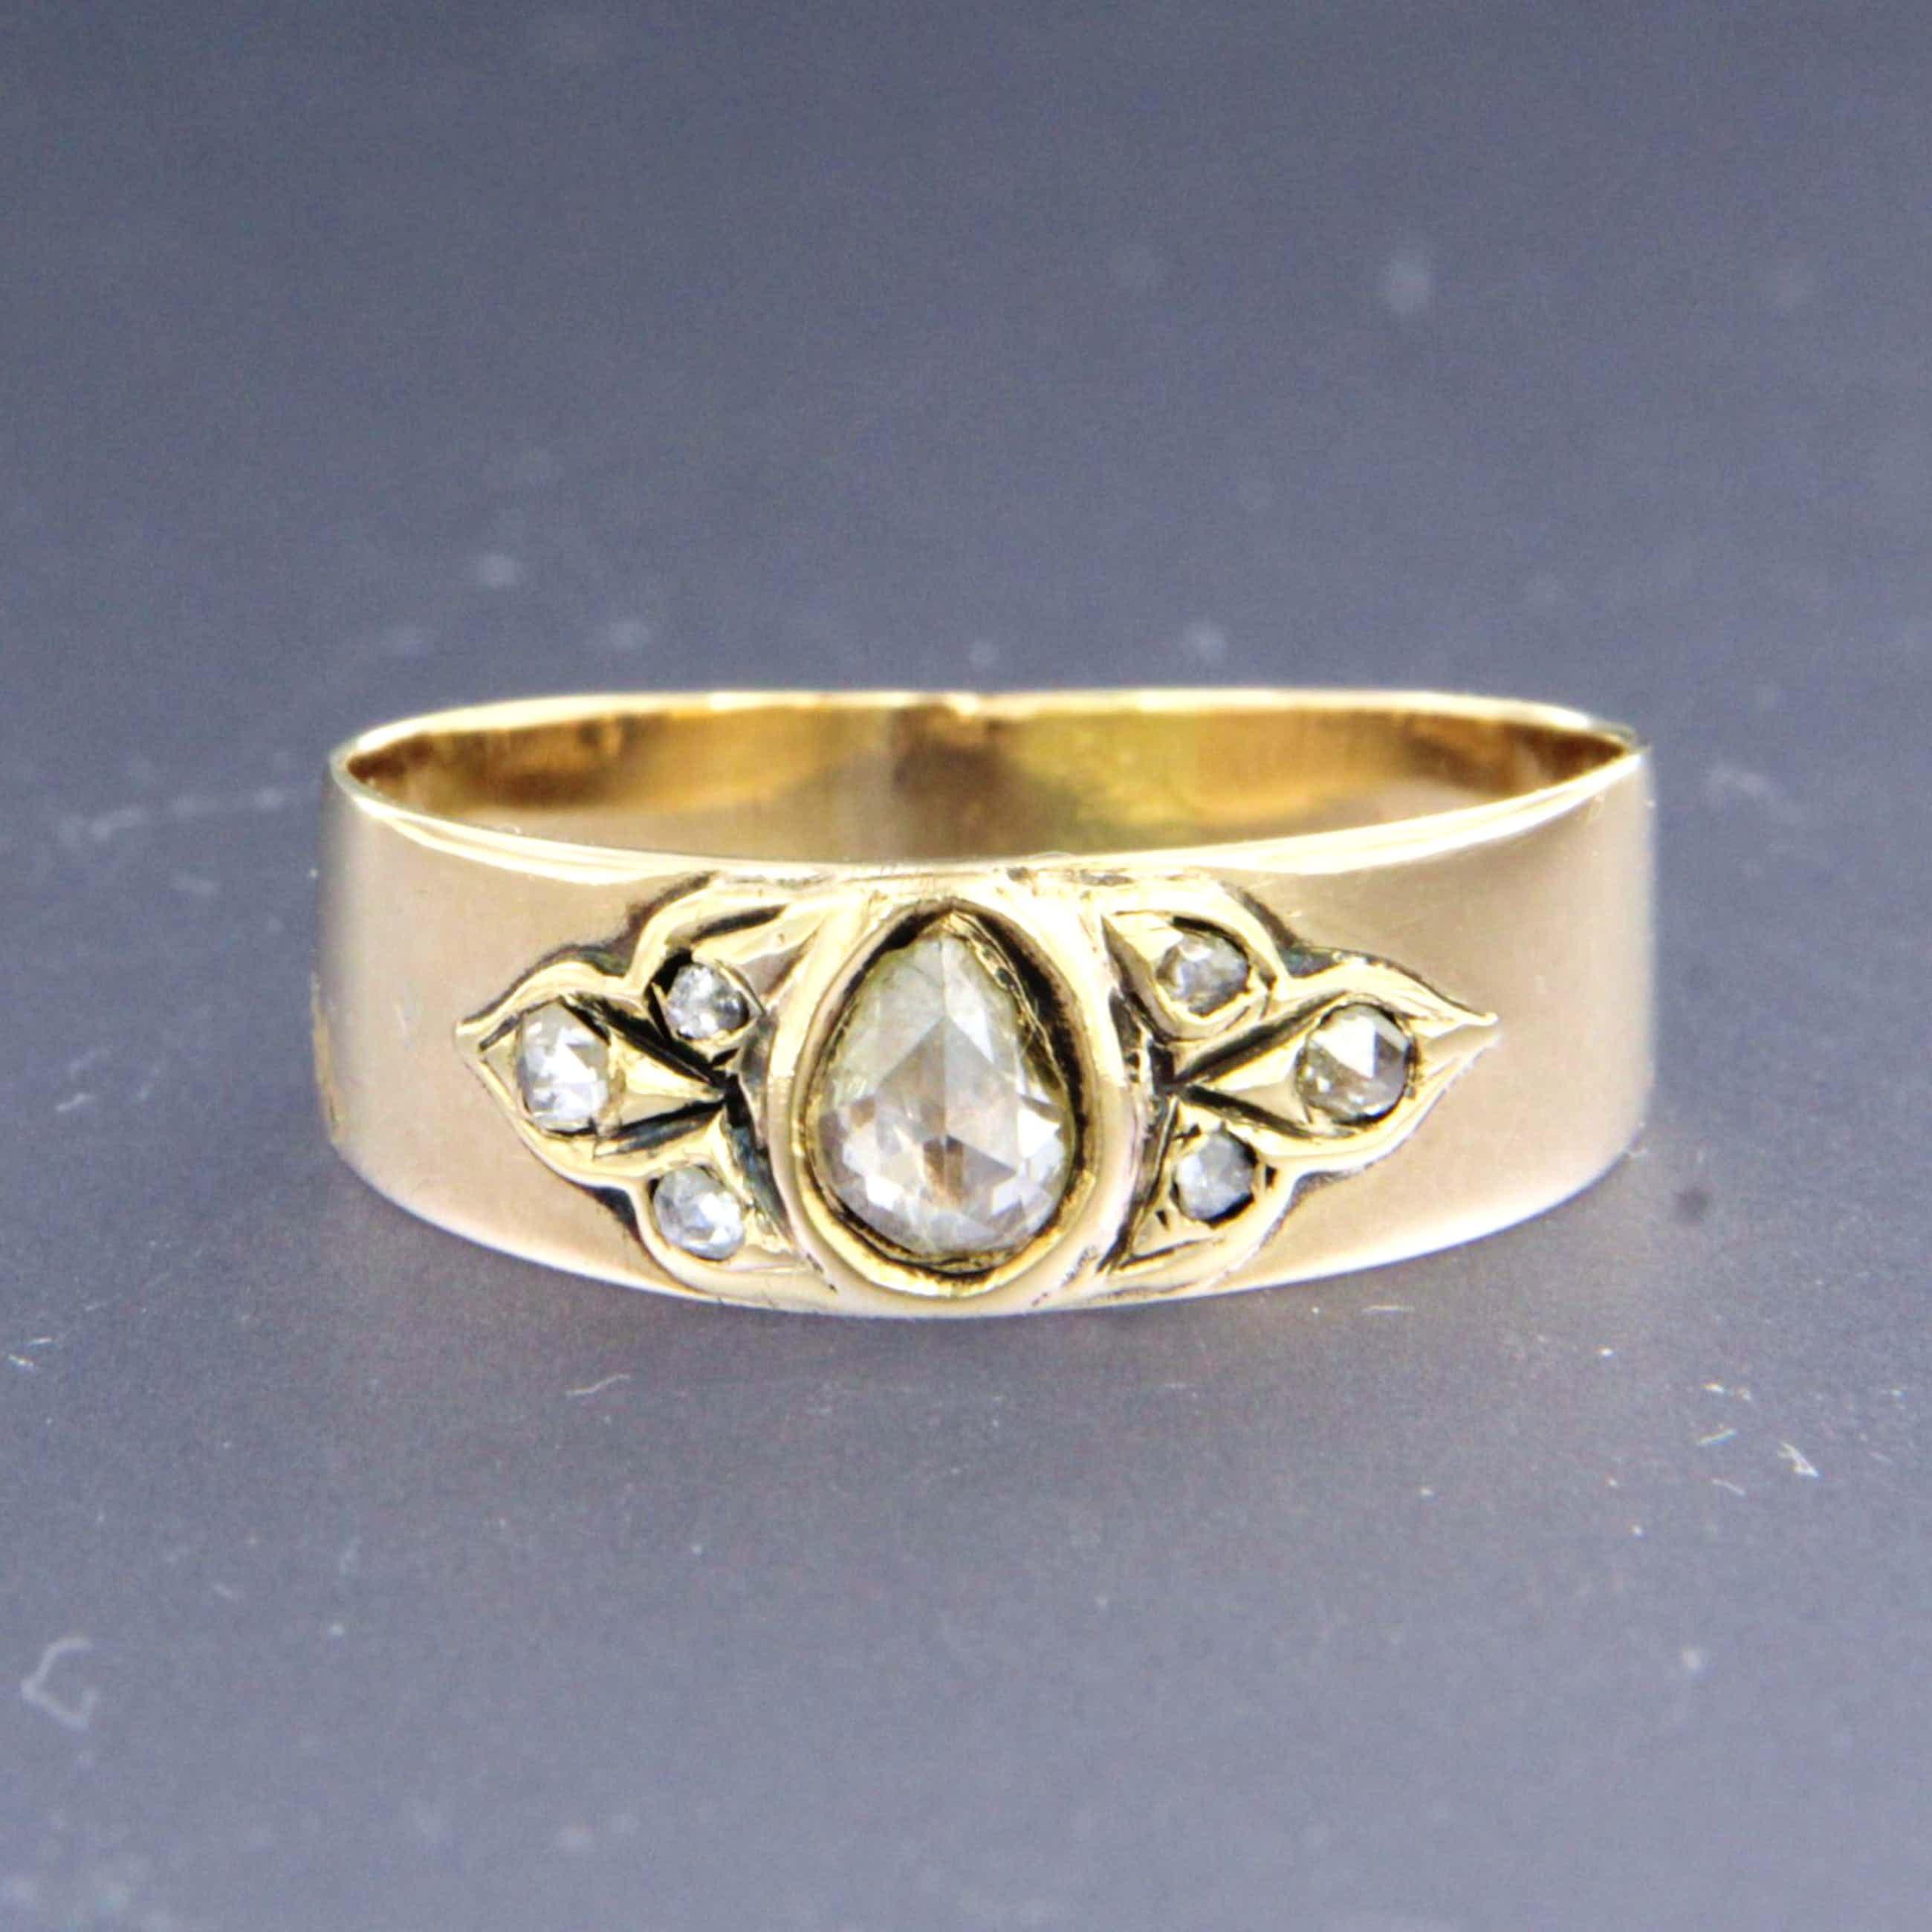 14K Goud - ring bezet met roos cut diamanten, ringmaat 17.25 (54) kopen? Bied vanaf 120!